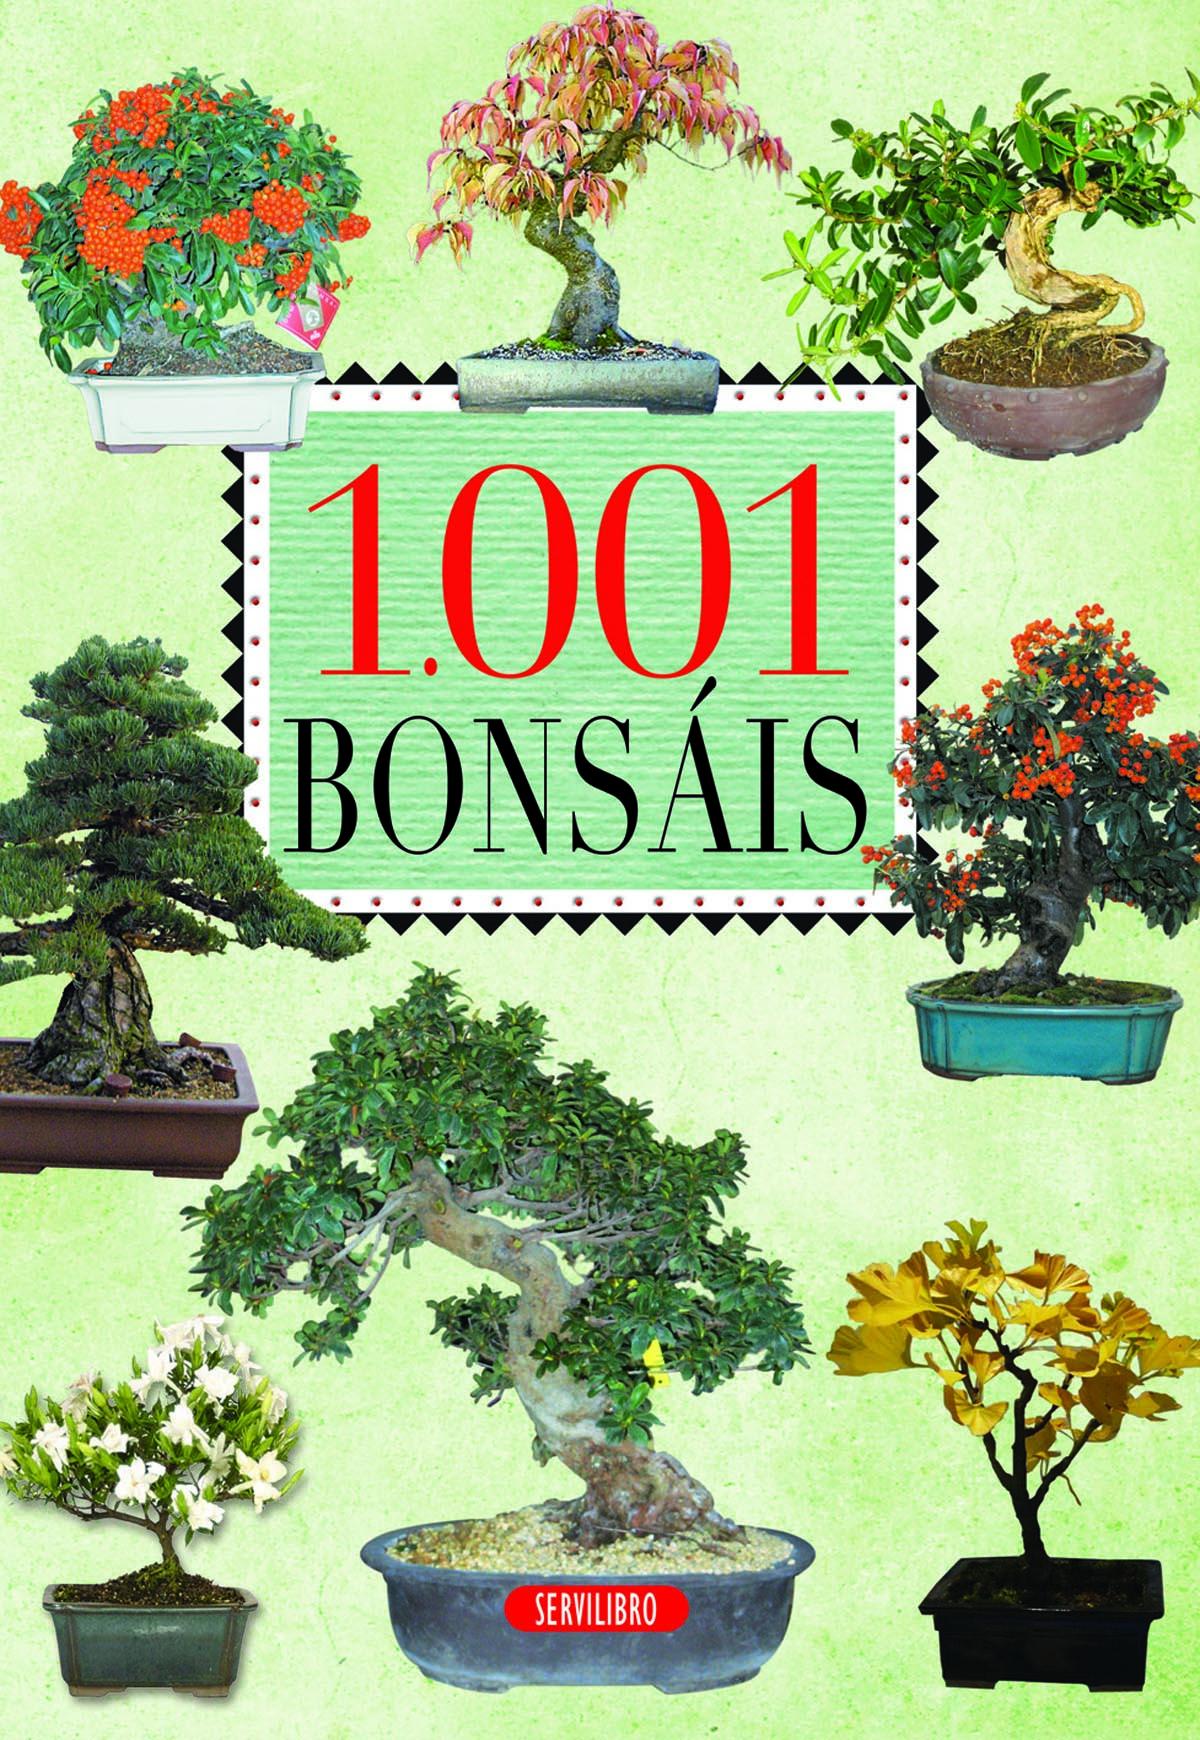 Jardiner a libros servilibro ediciones bons is - Libros de bonsais ...